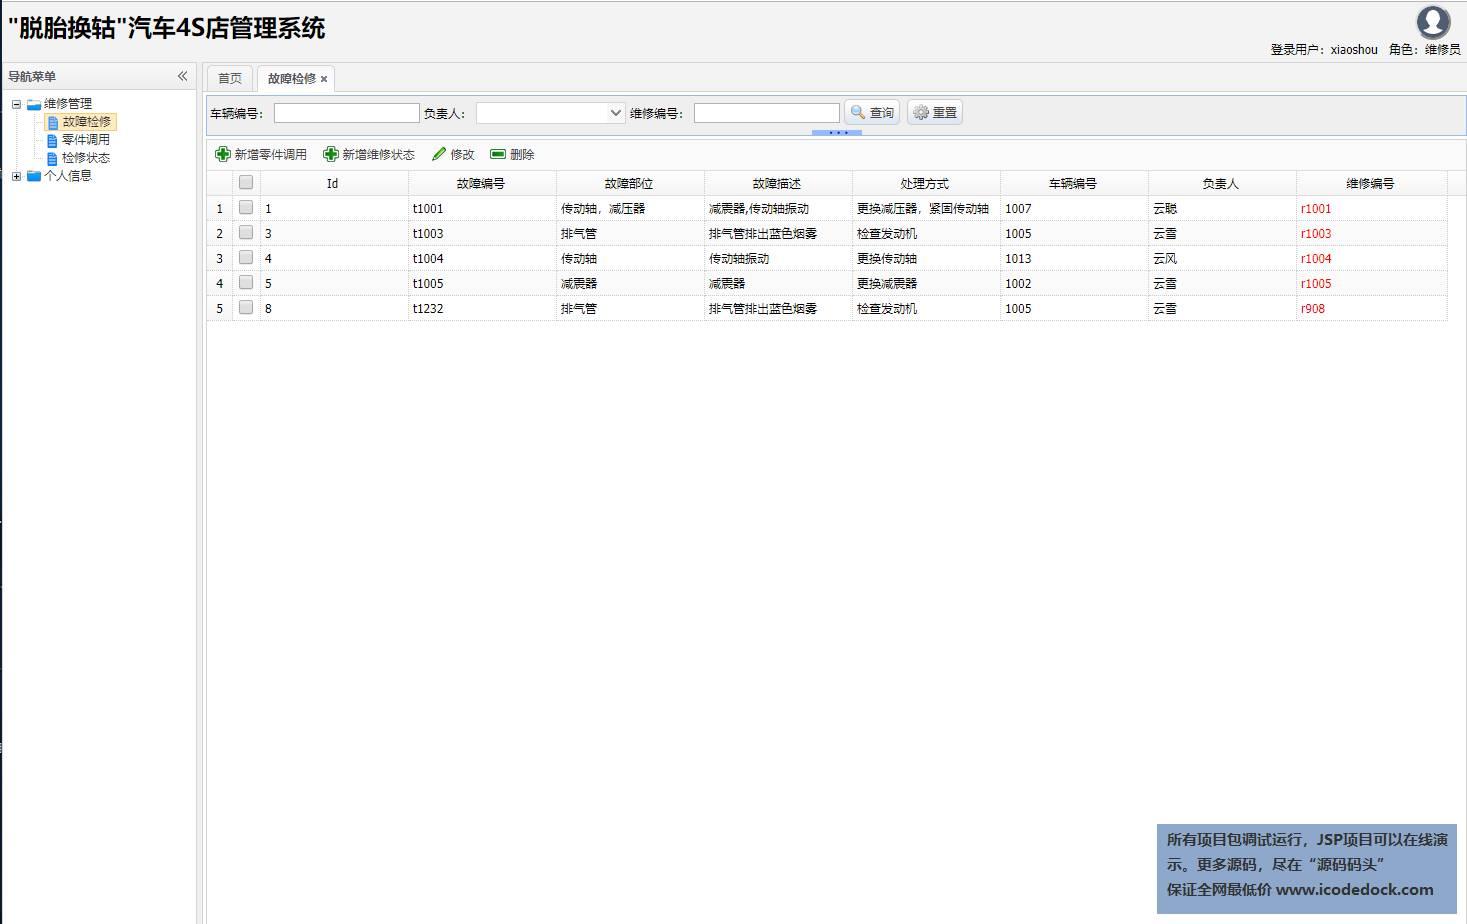 源码码头-SSH汽车4S店管理系统-维修员角色-故障维修